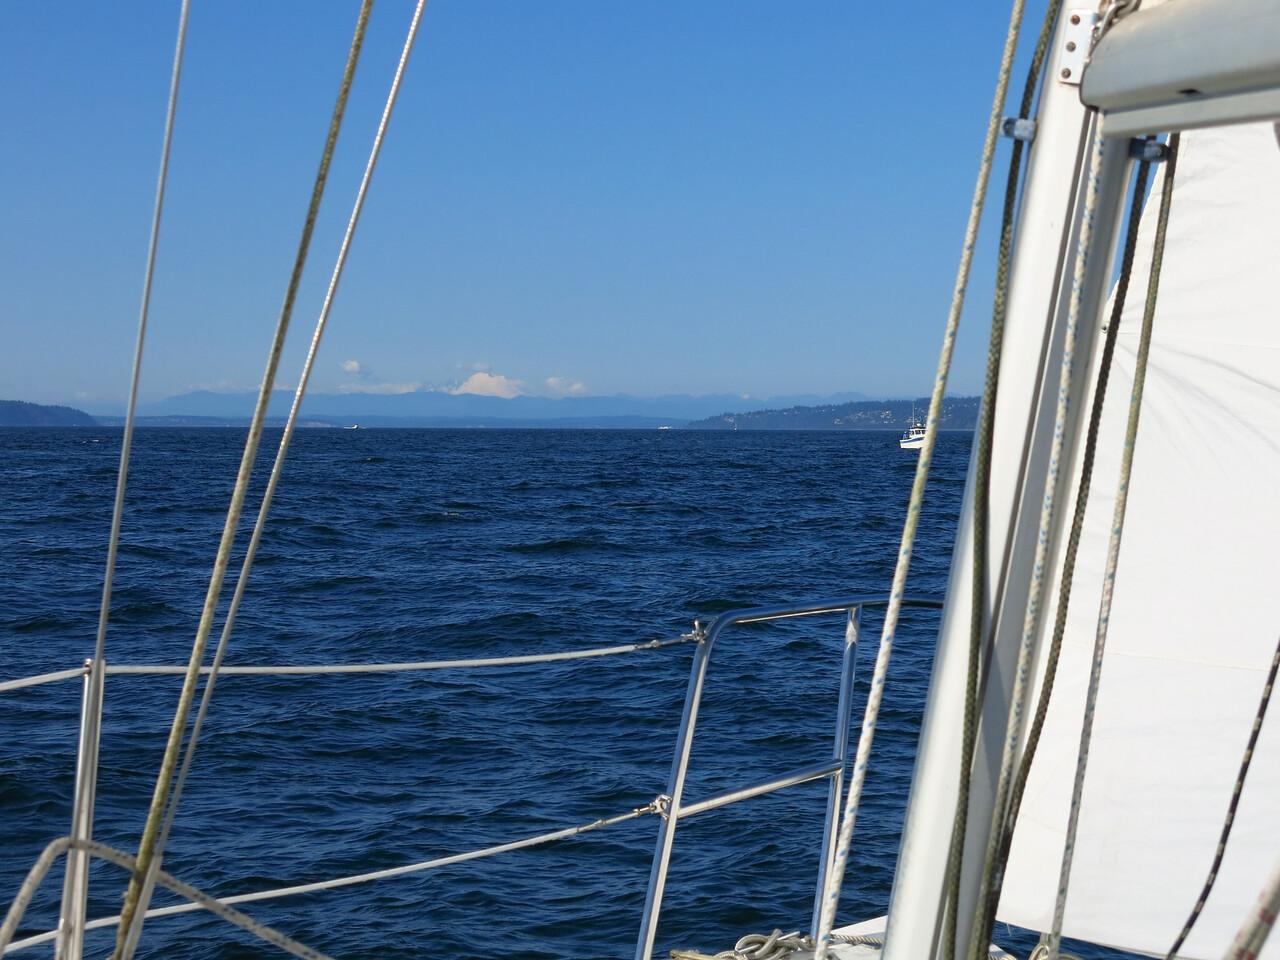 2014-07-26 Sail (23)